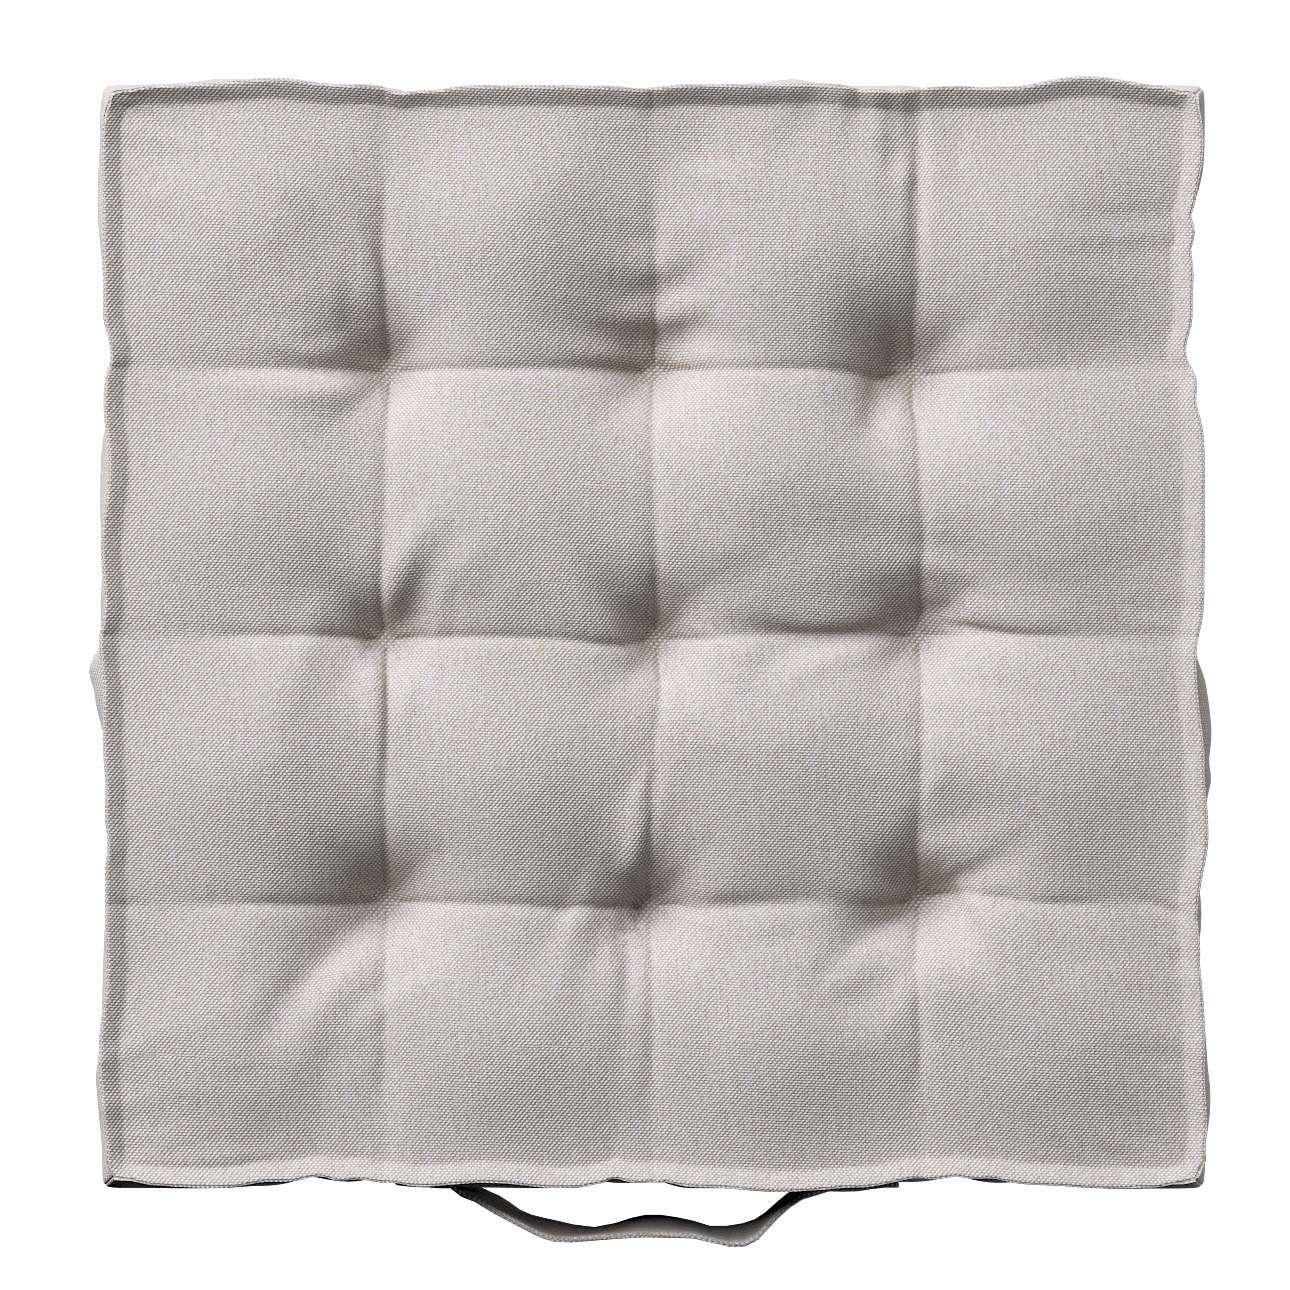 Pagalvėlė Kuba kėdei/ant grindų 40 x 40 x 6 cm kolekcijoje Etna , audinys: 705-90